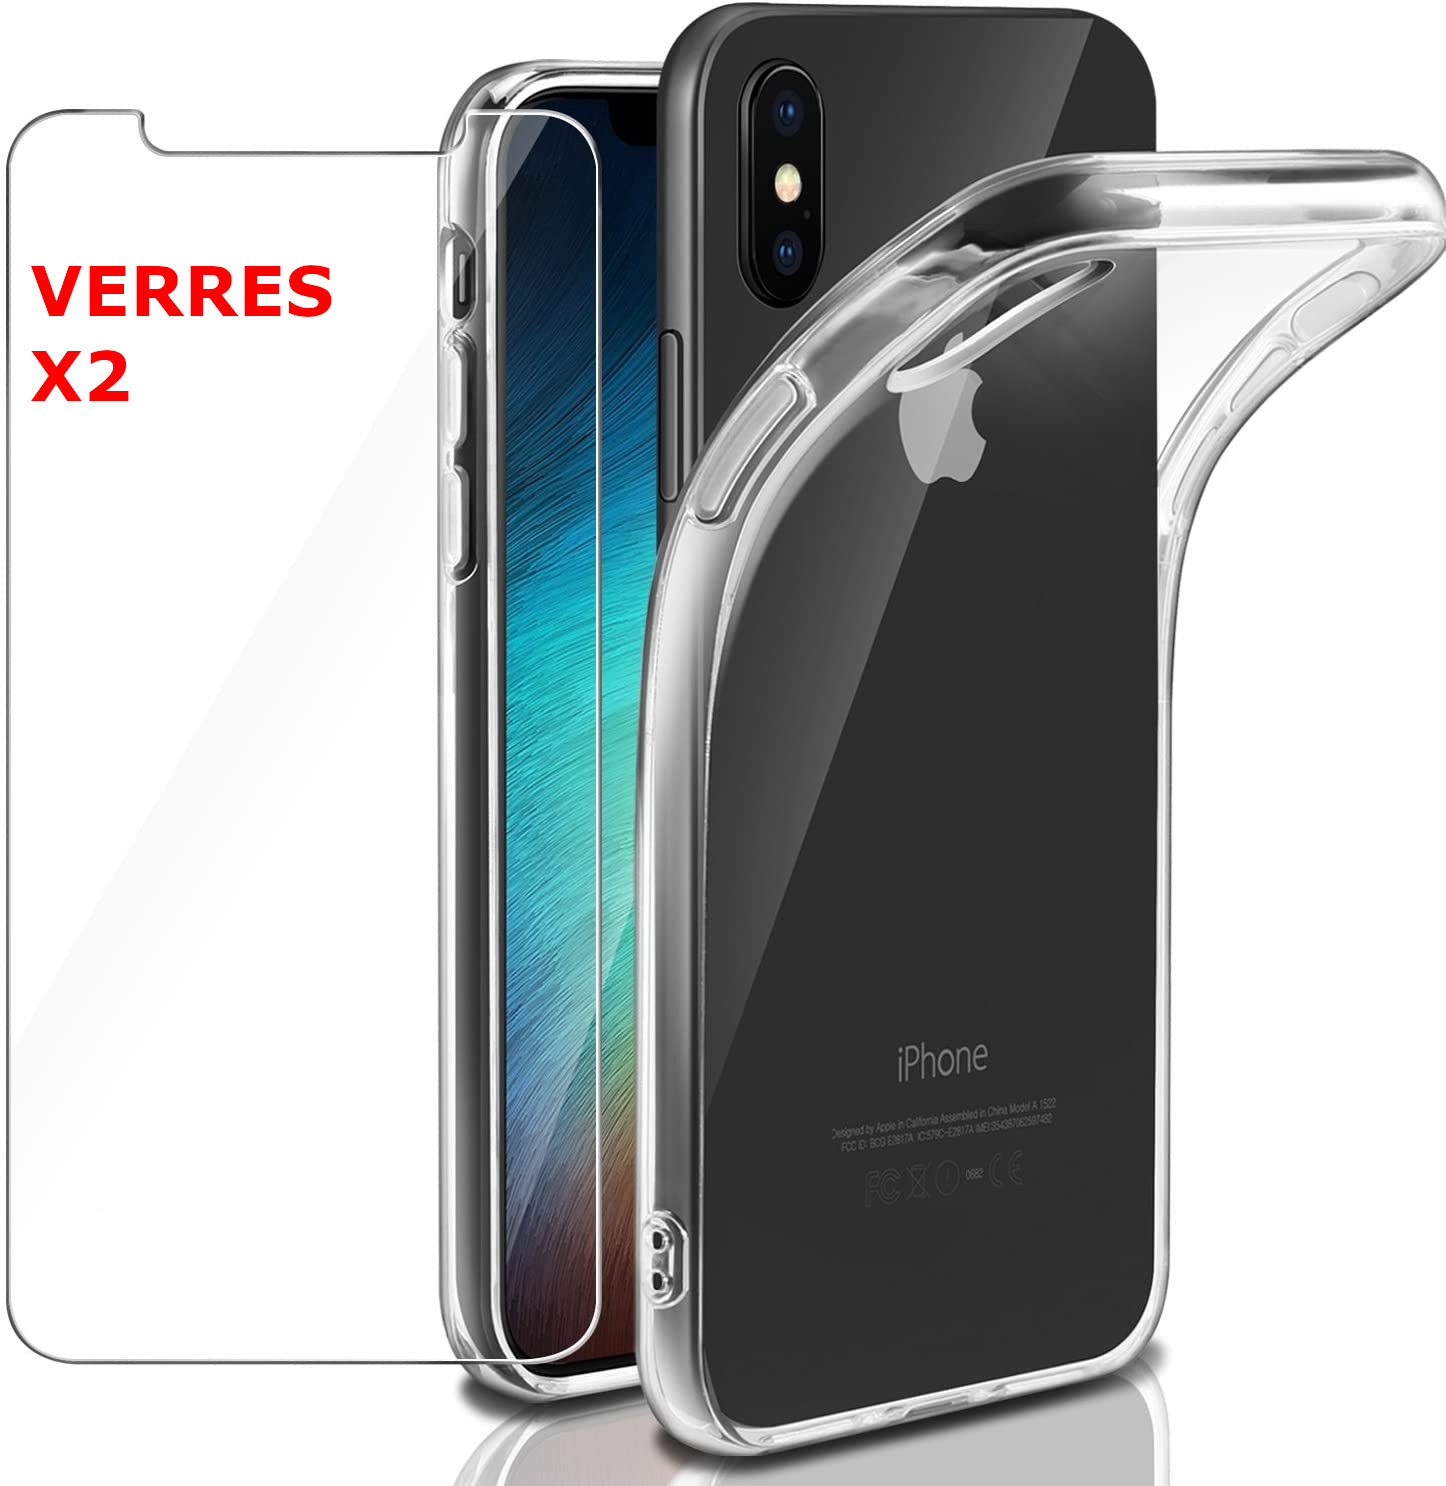 Coque Silicone Transparente Pour iPhone X / Xs  + 2 Verres Trempe - Little Boutik®